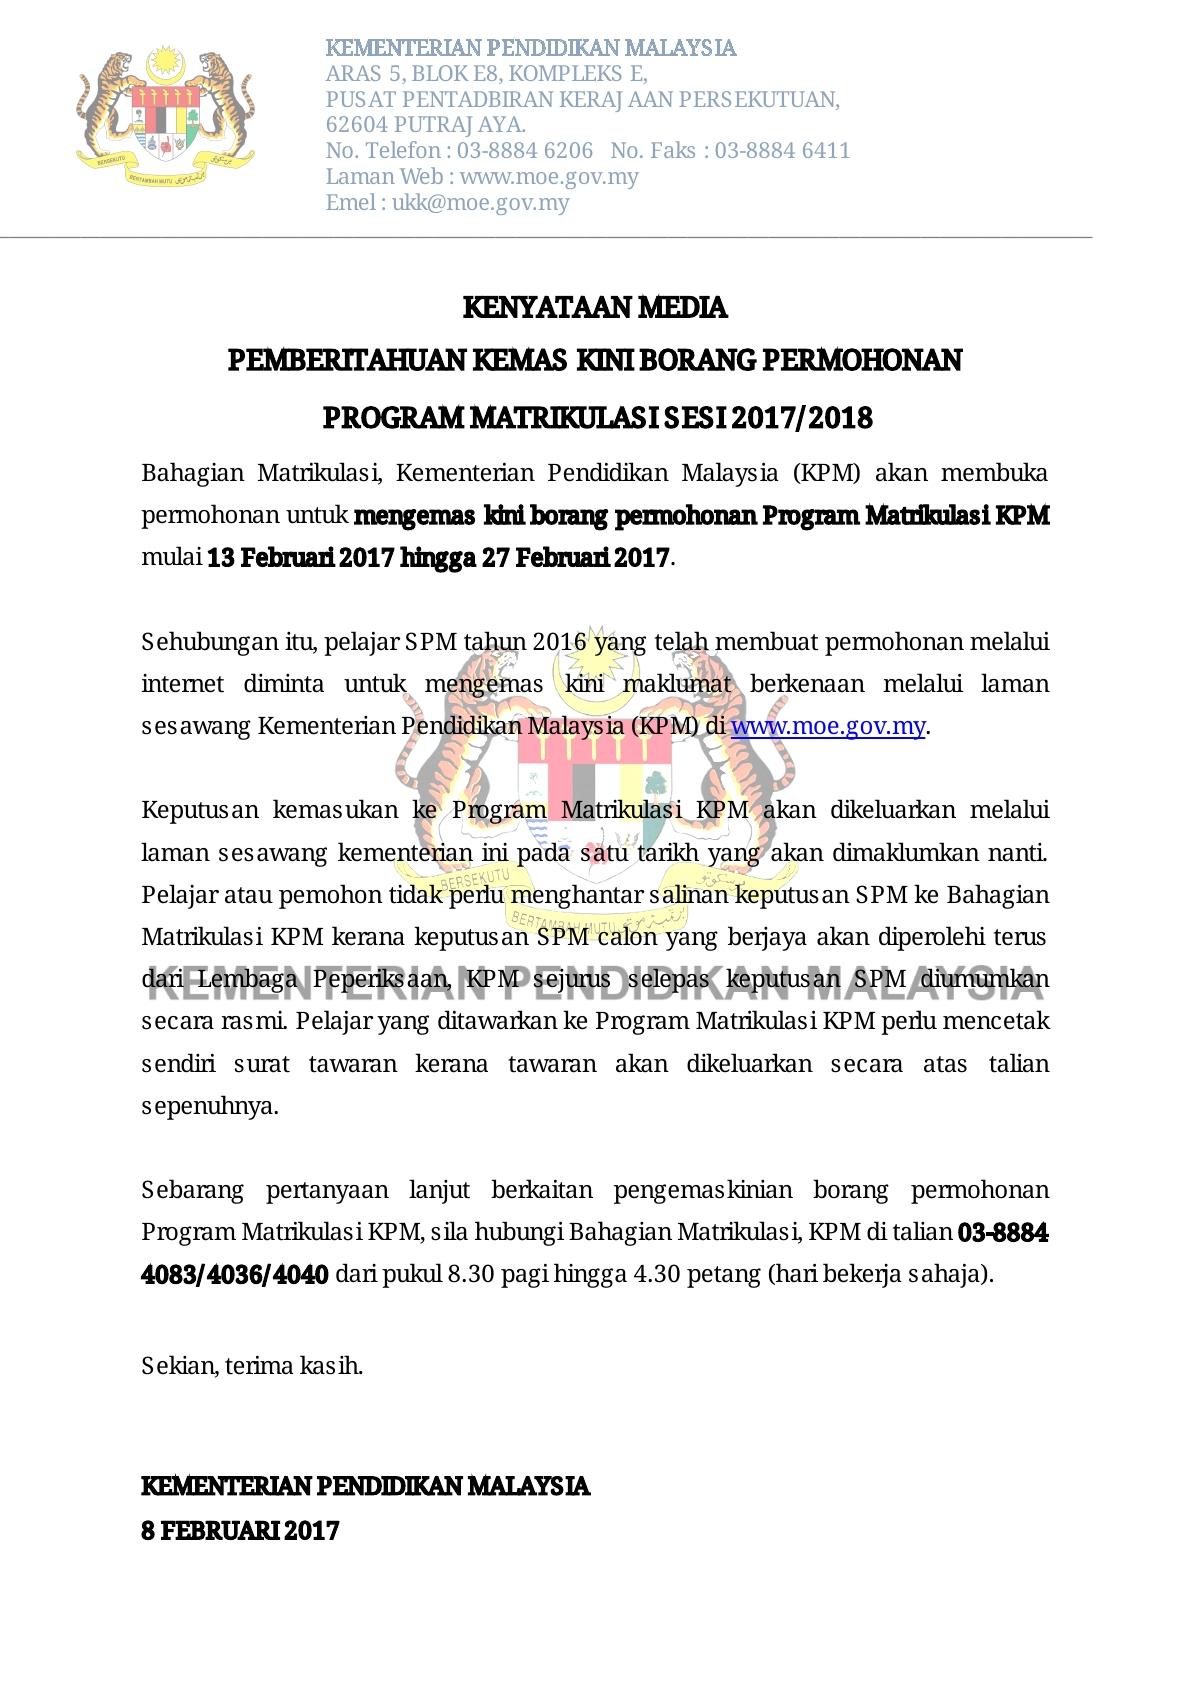 Kpm Kenyataan Media Pemberitahuan Kemas Kini Borang Permohonan Program Matrikulasi Sesi 2017 2018